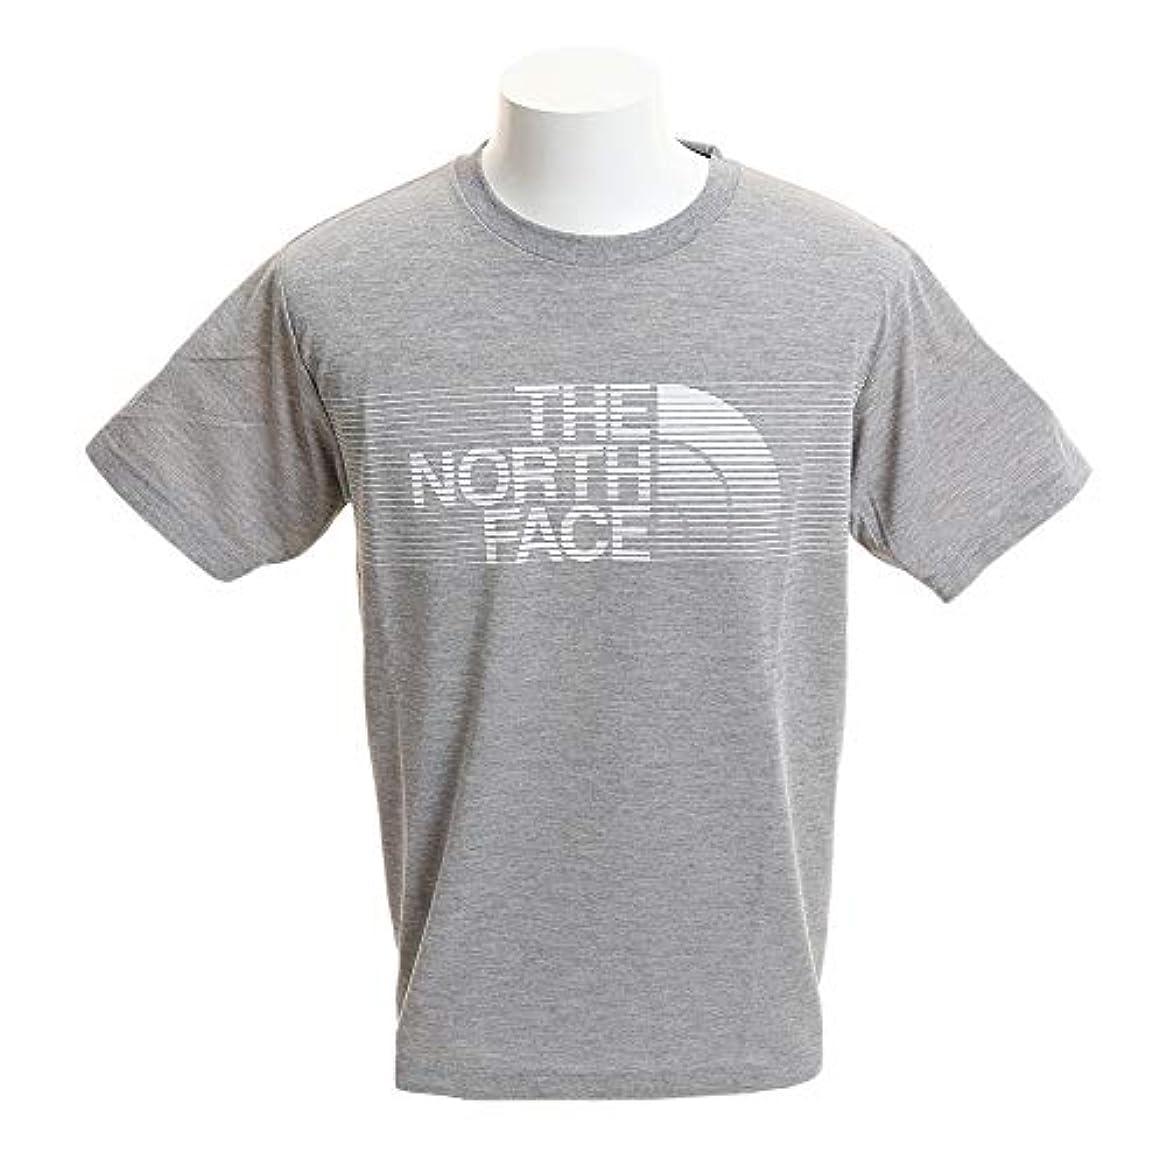 分配します橋脚パブ(ノースフェイス) THE NORTH FACE S/S SWIFT LOGO TEE